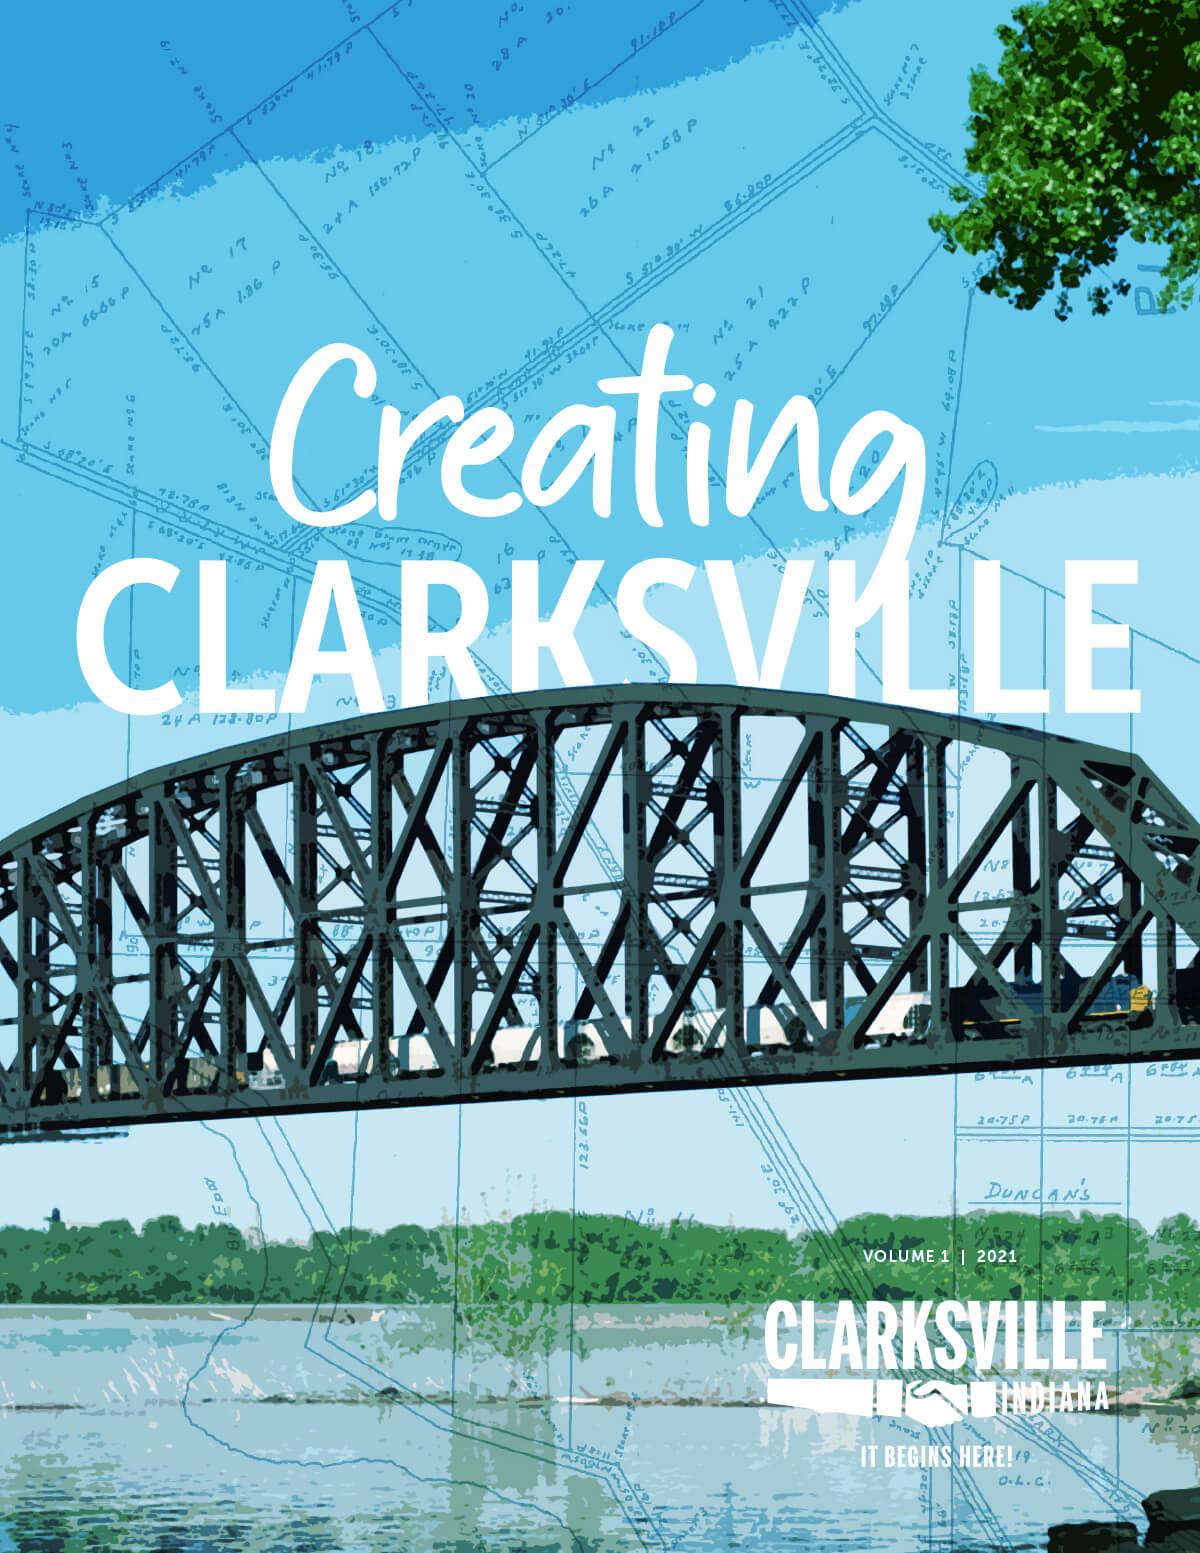 Clarksville Magazine 2021 Vol 1